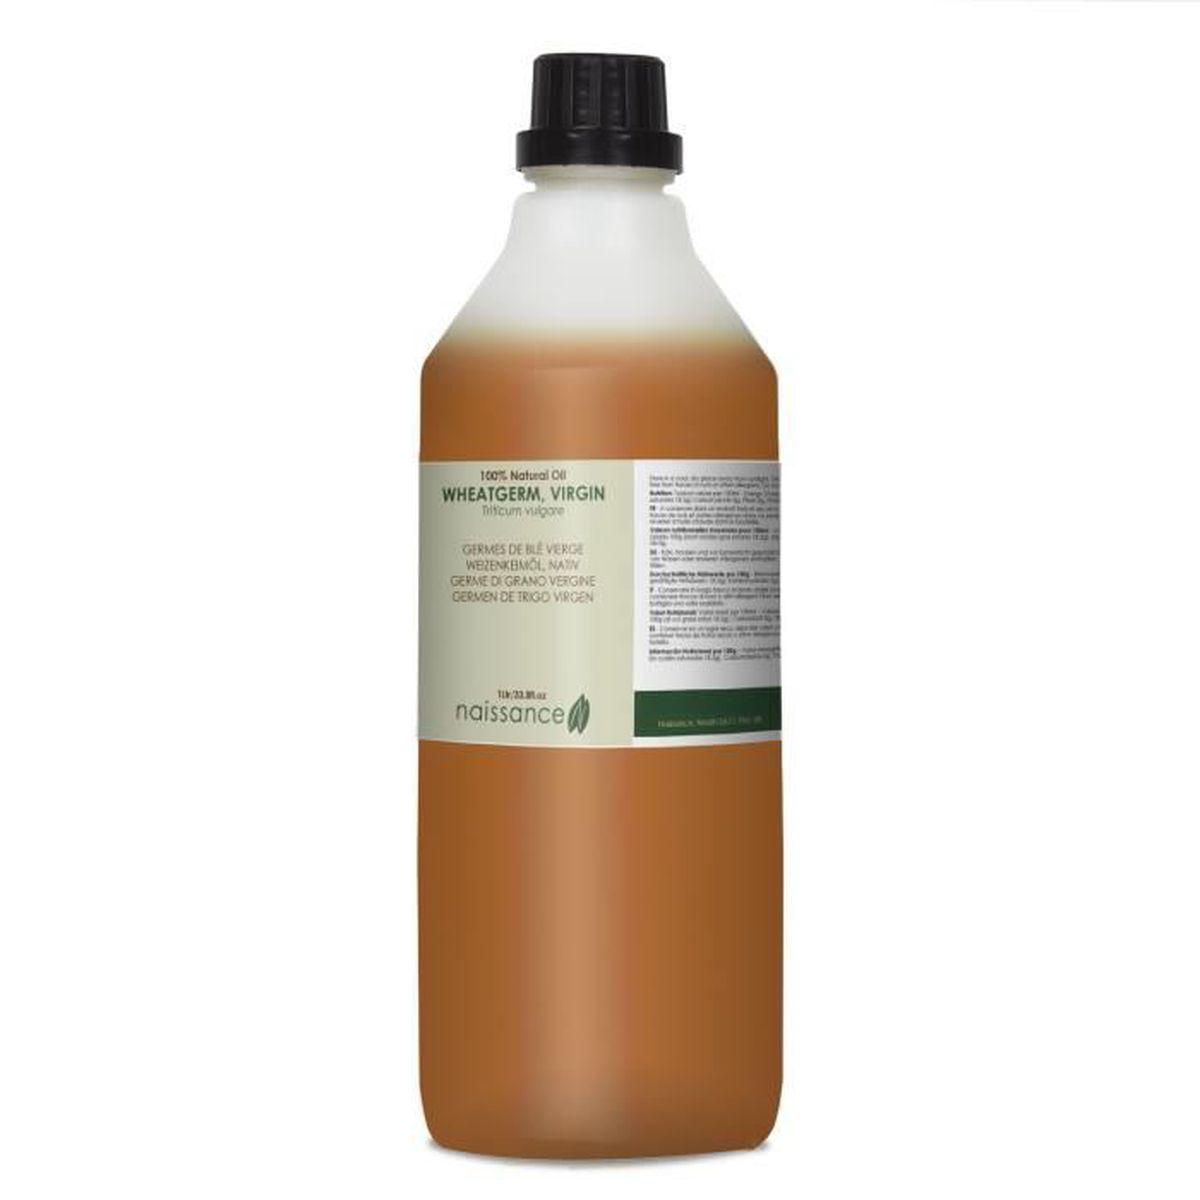 huile vegetale qui hydrate